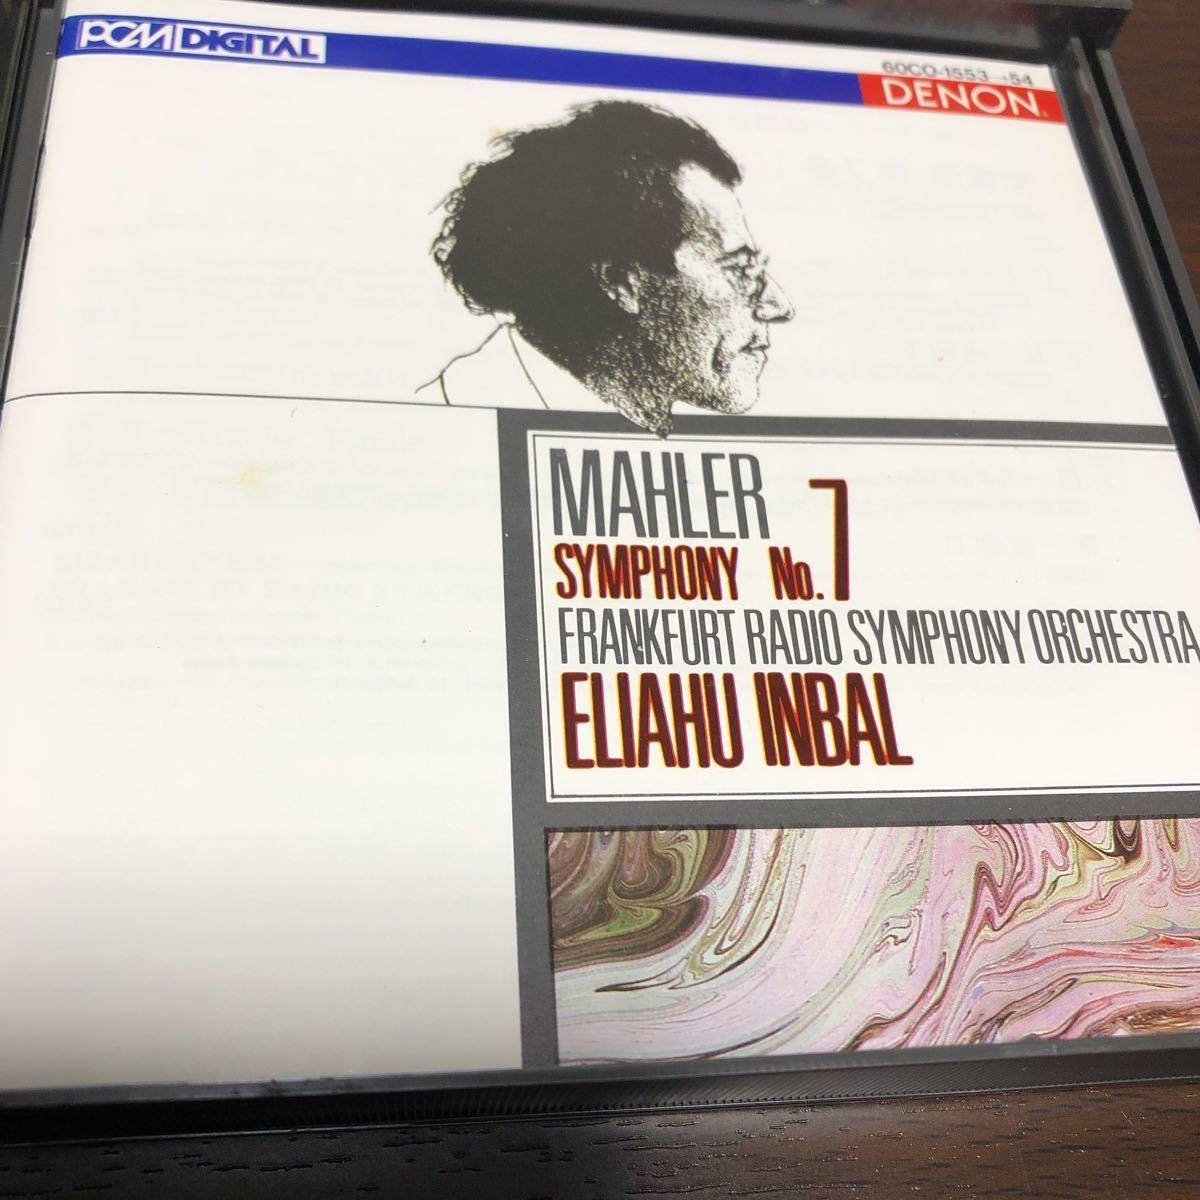 インバル/フランクフルト放送響 マーラー 交響曲第7番_画像6